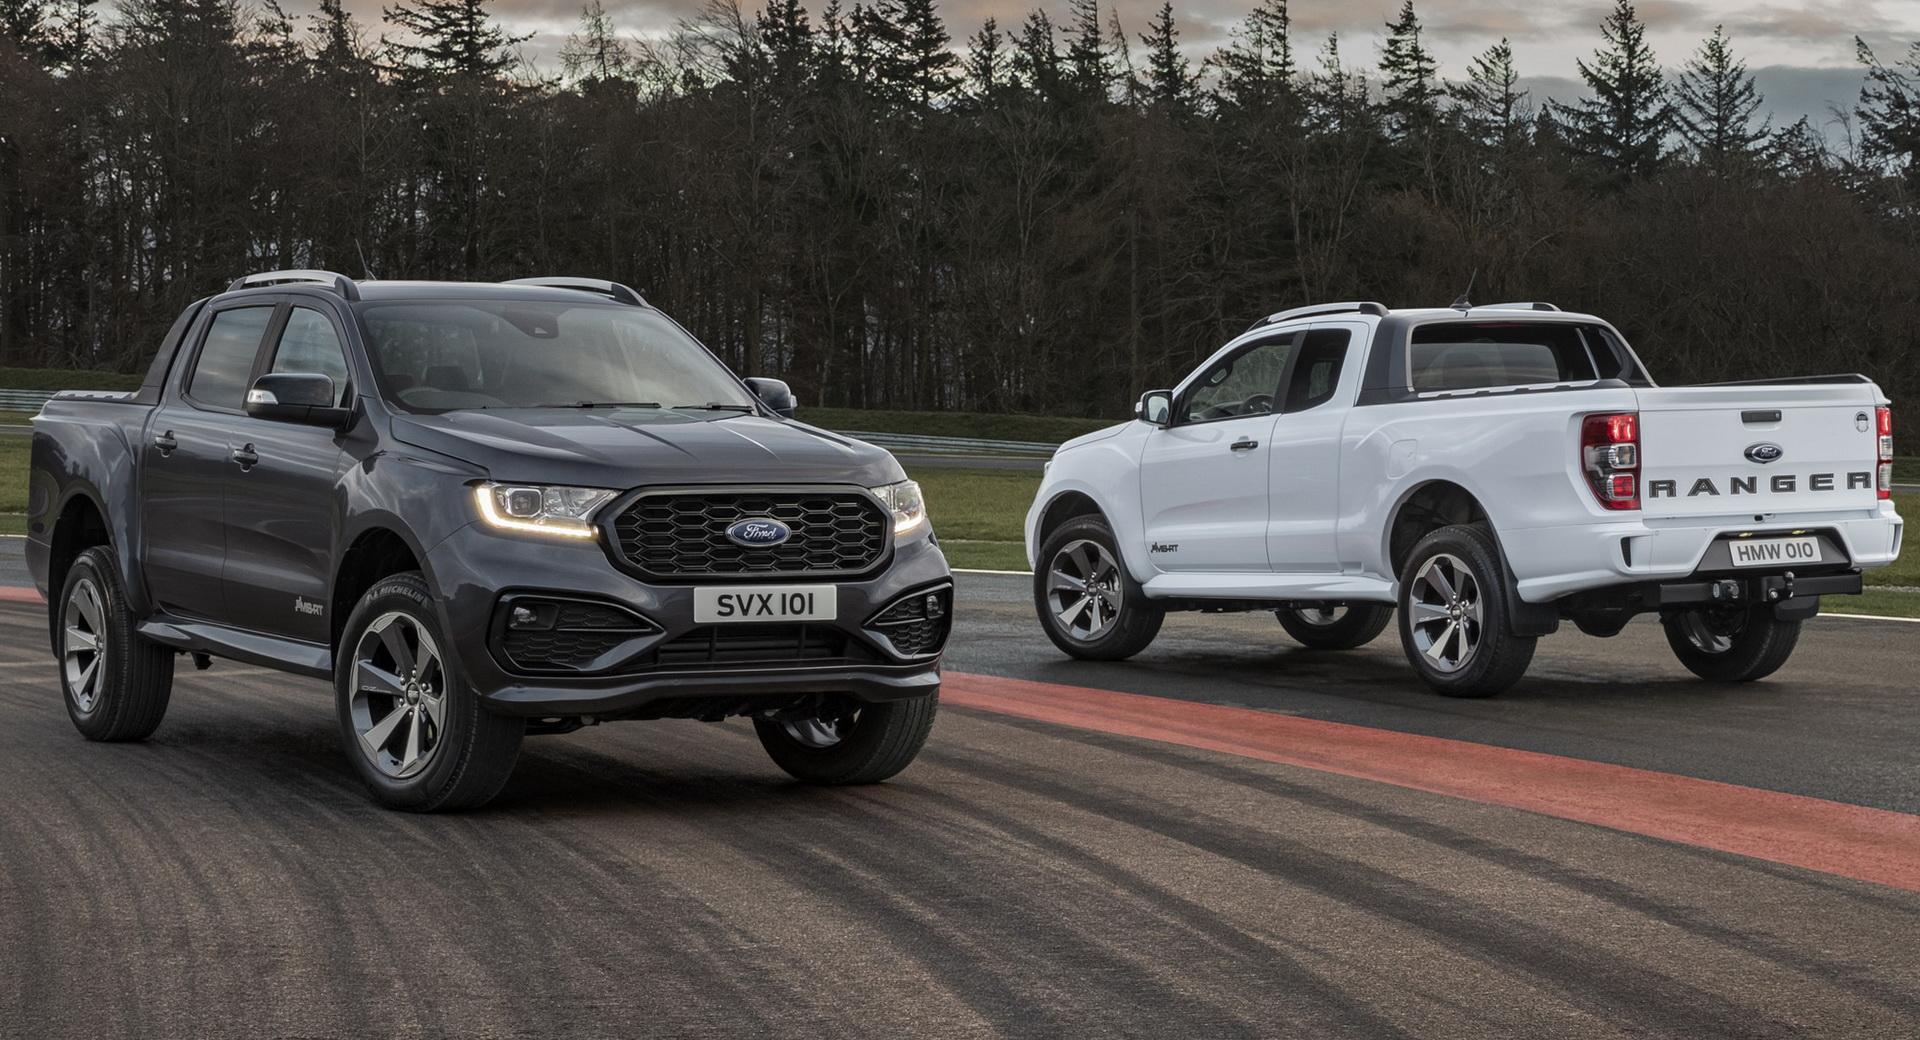 Hibrid hajtással is érkezik majd a Ford Ranger következő generációja